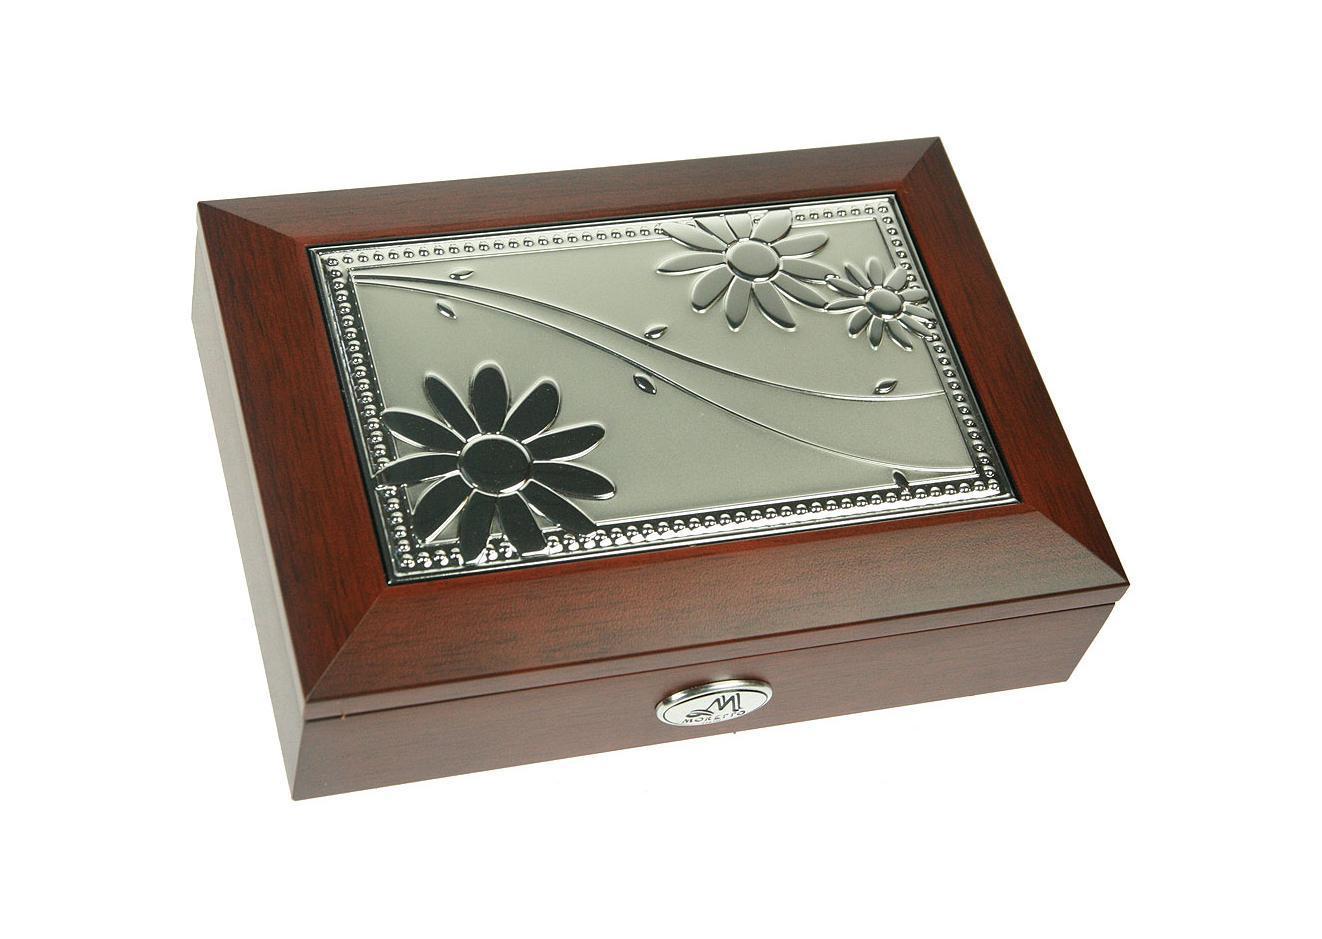 Шкатулка ювелирная Moretto, музыкальная, цвет: коричневый, 18 см х 13 см х 5 см. 139559 шкатулка агт профиль сказочных чудес цвет темно коричневый 20 х 20 х 6 5 см